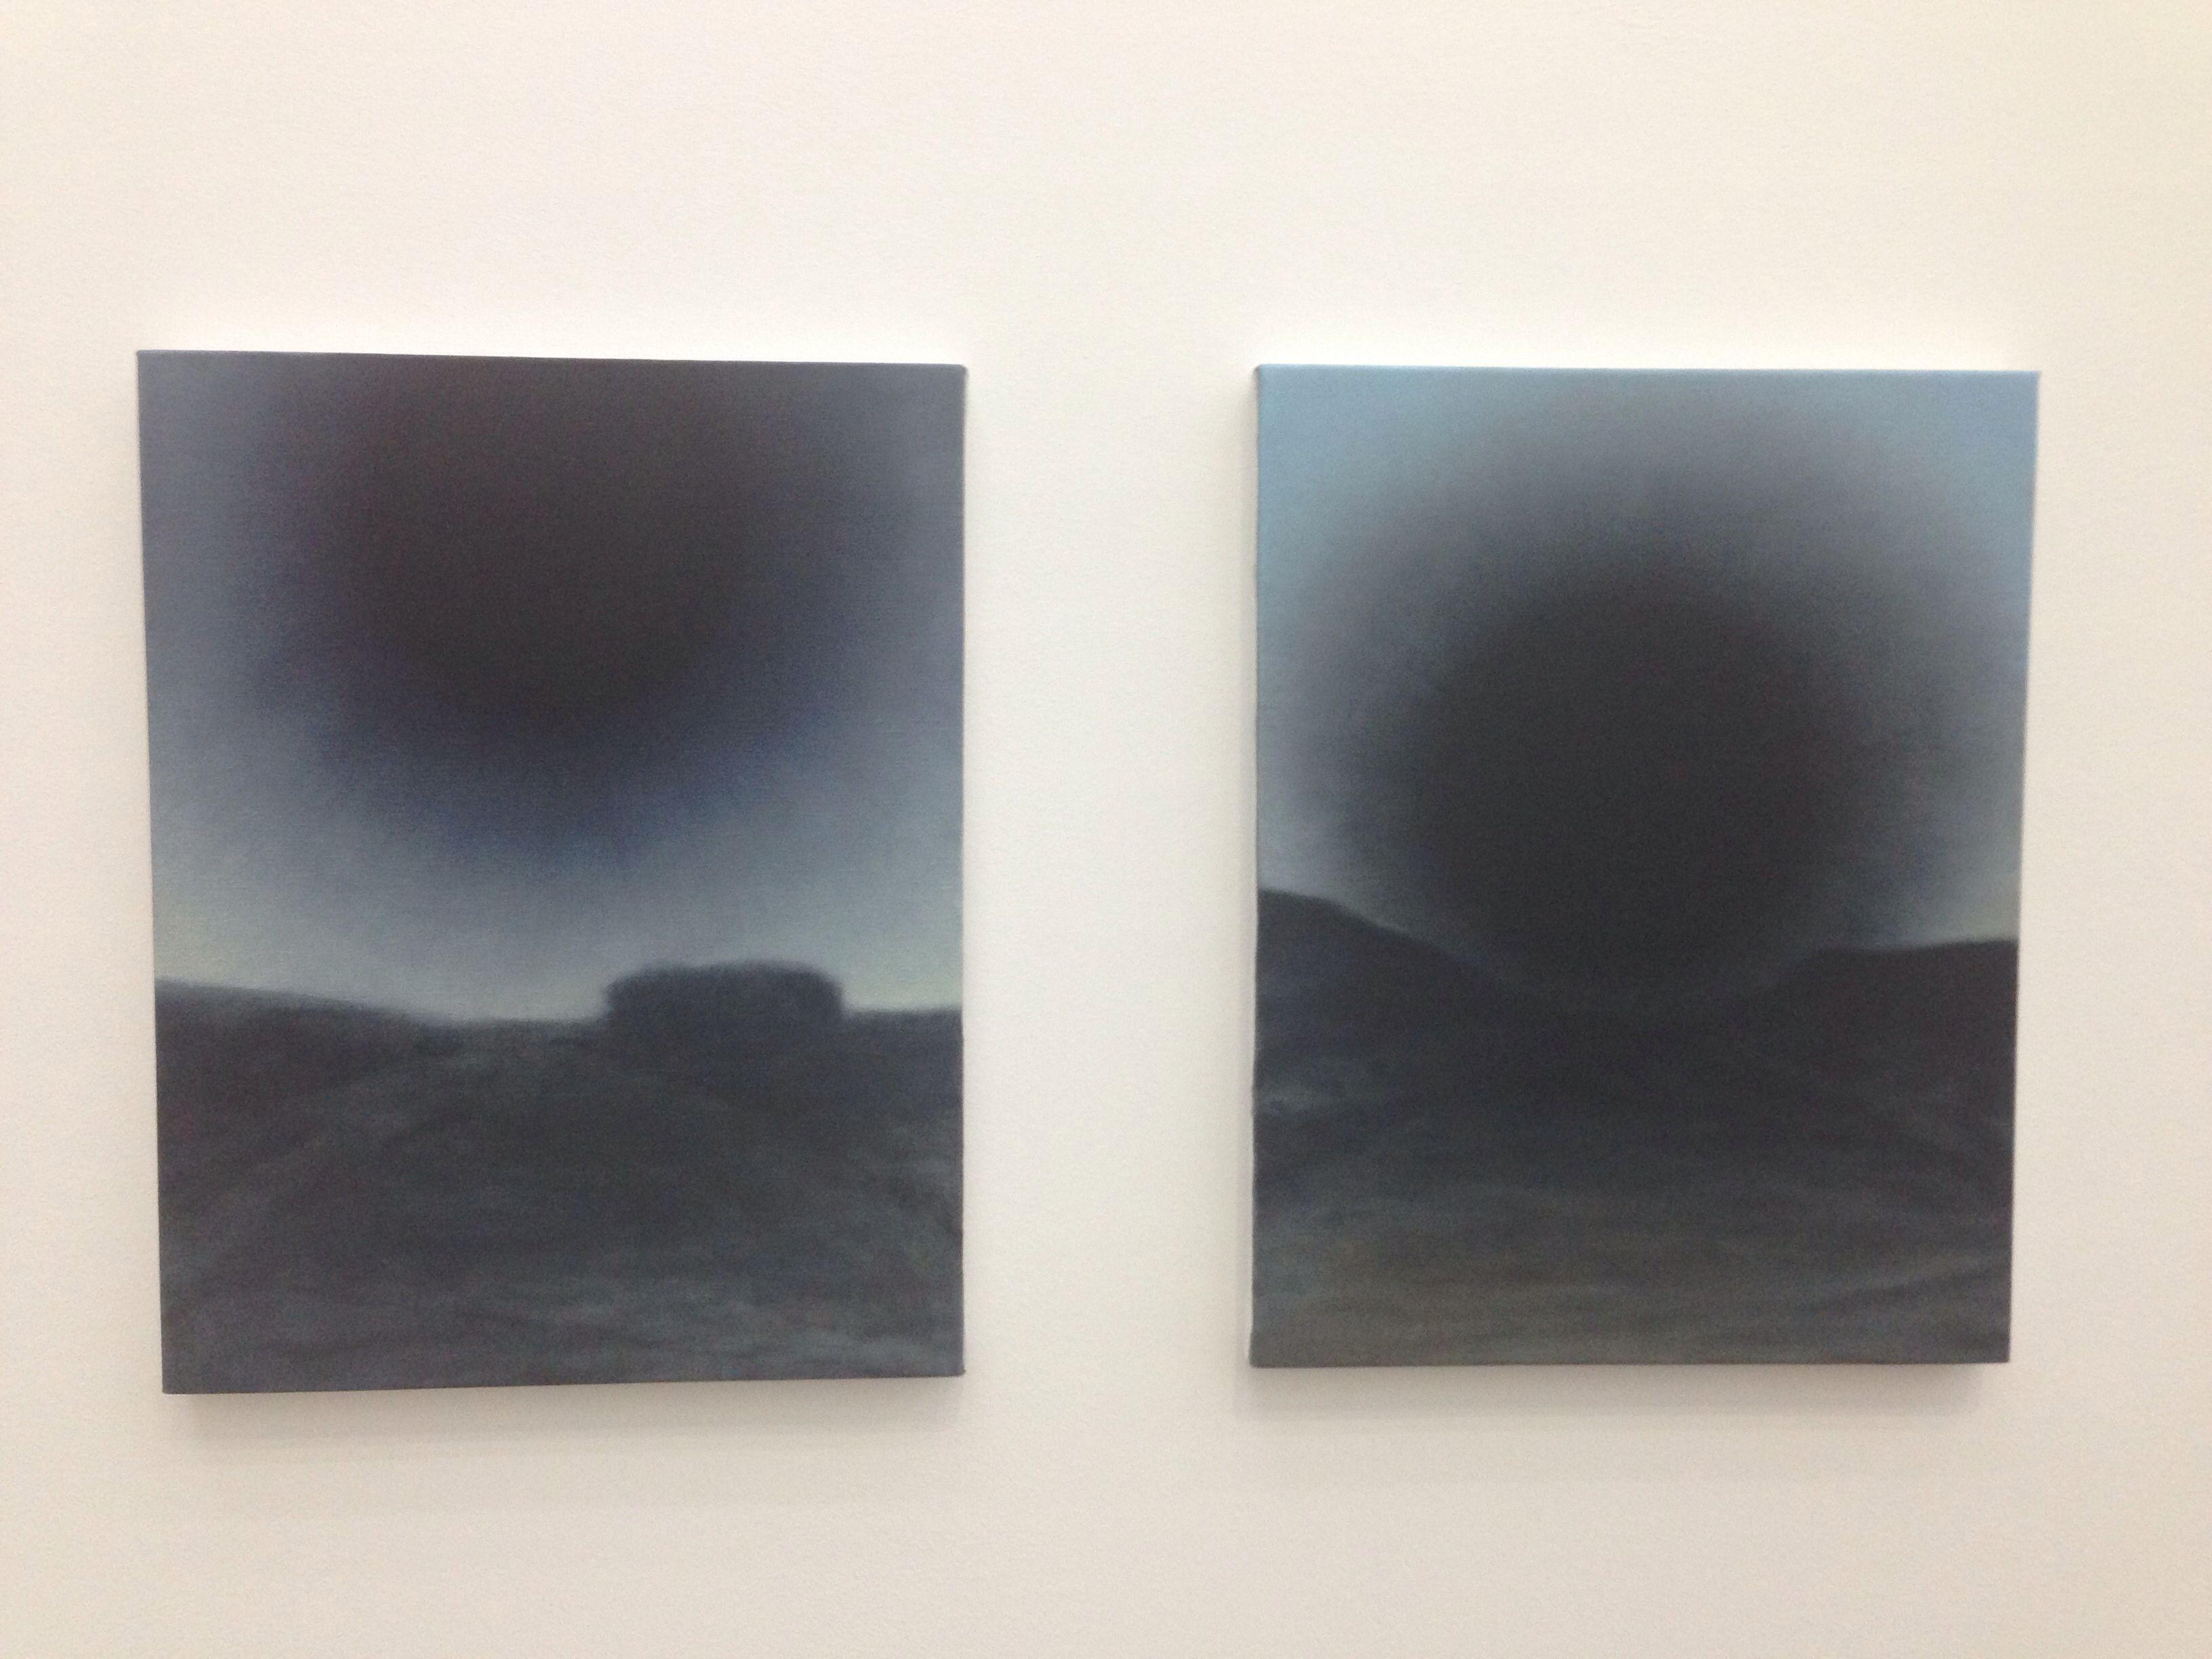 Tim Eitel Nebel Und Sonne Galerie Eigen Art Berlin 2014 Art Painting Art Painting Art Exhibition